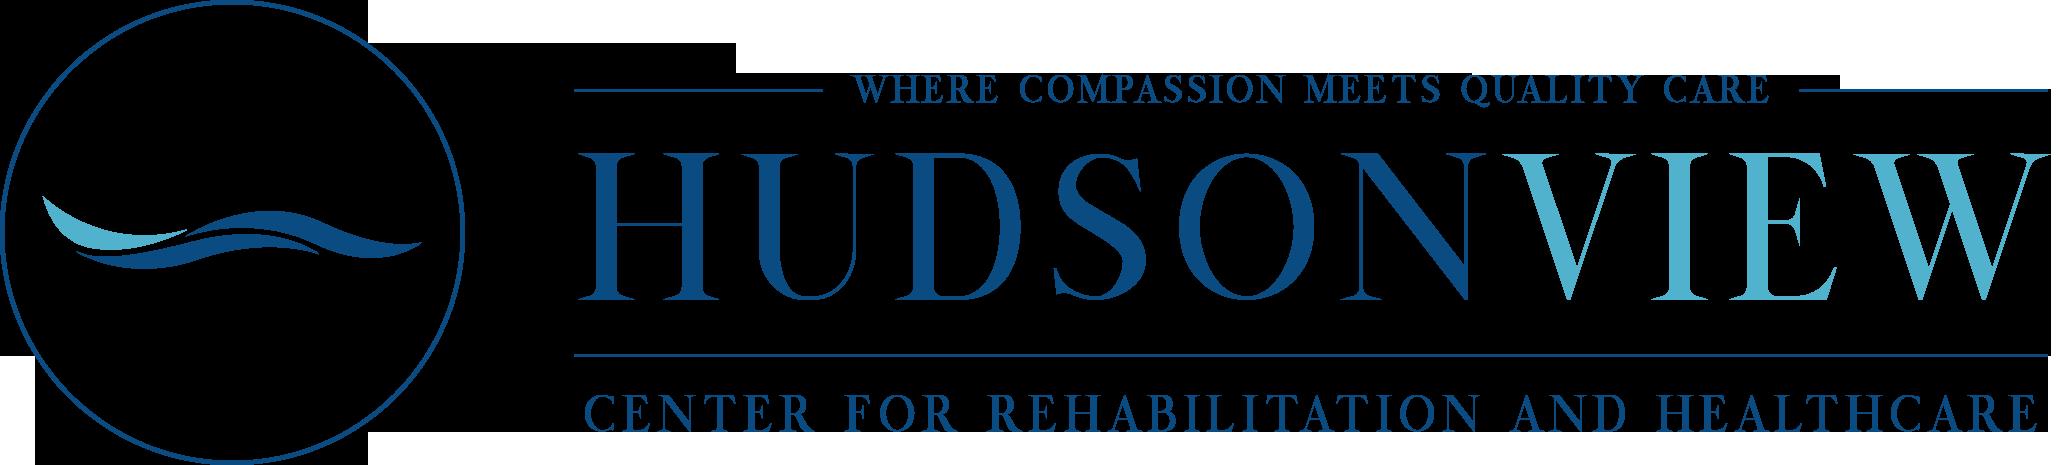 Hudsonview